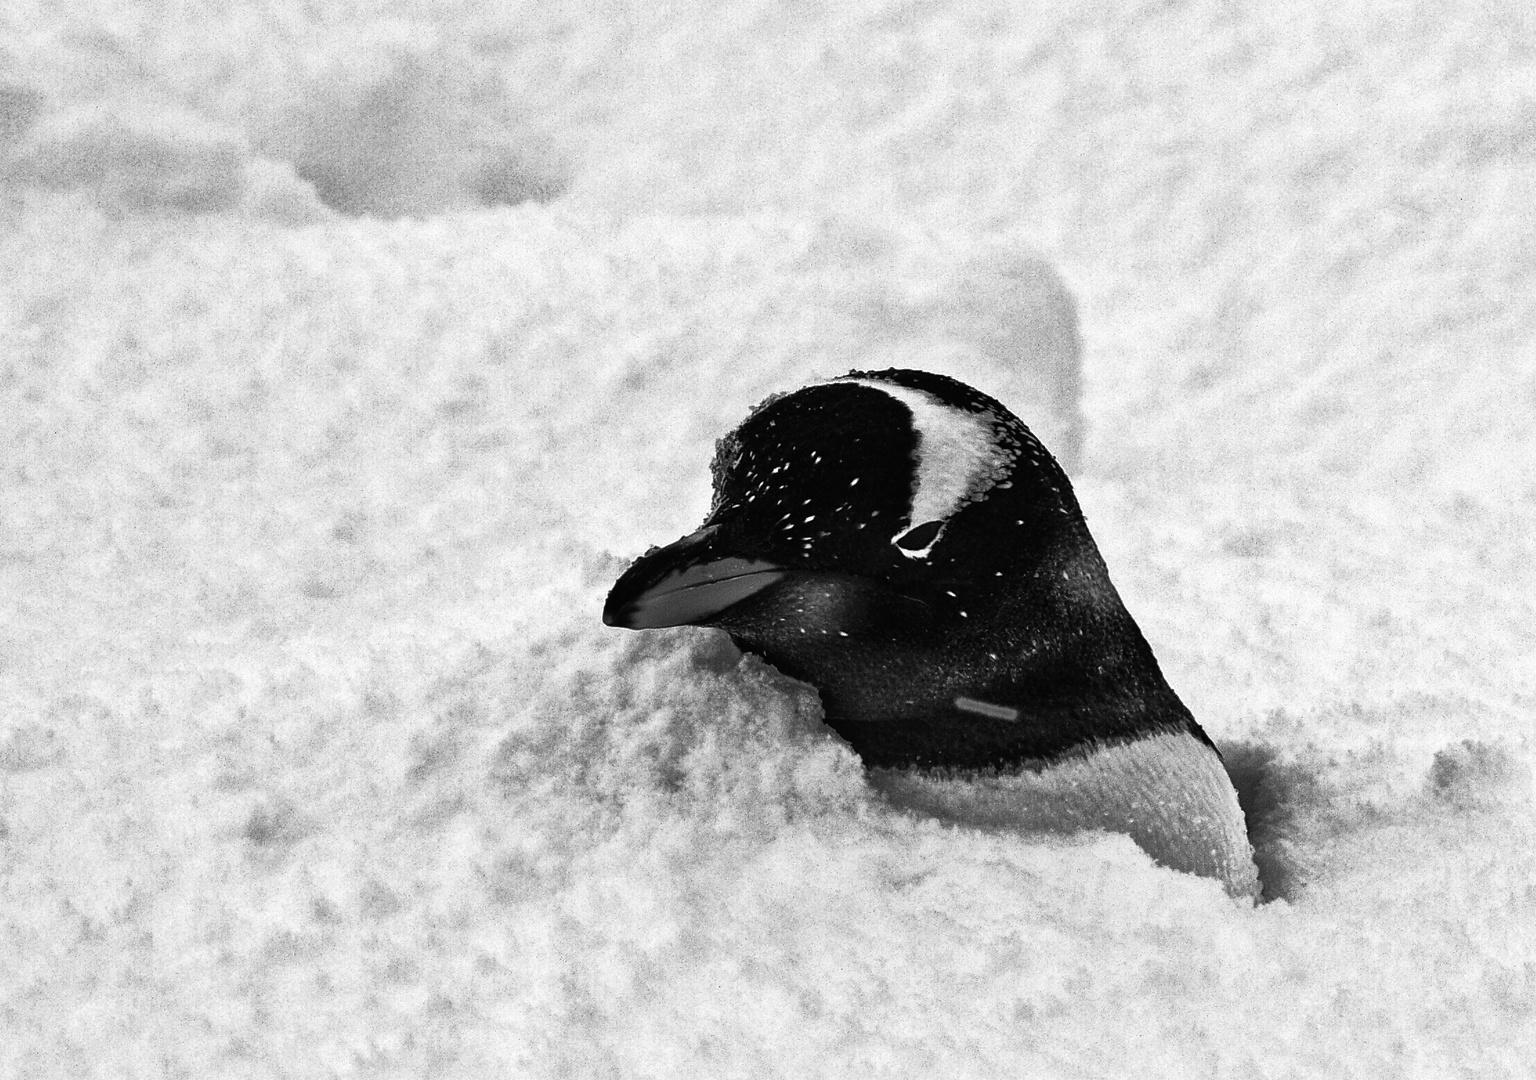 pinguin im schnee ...